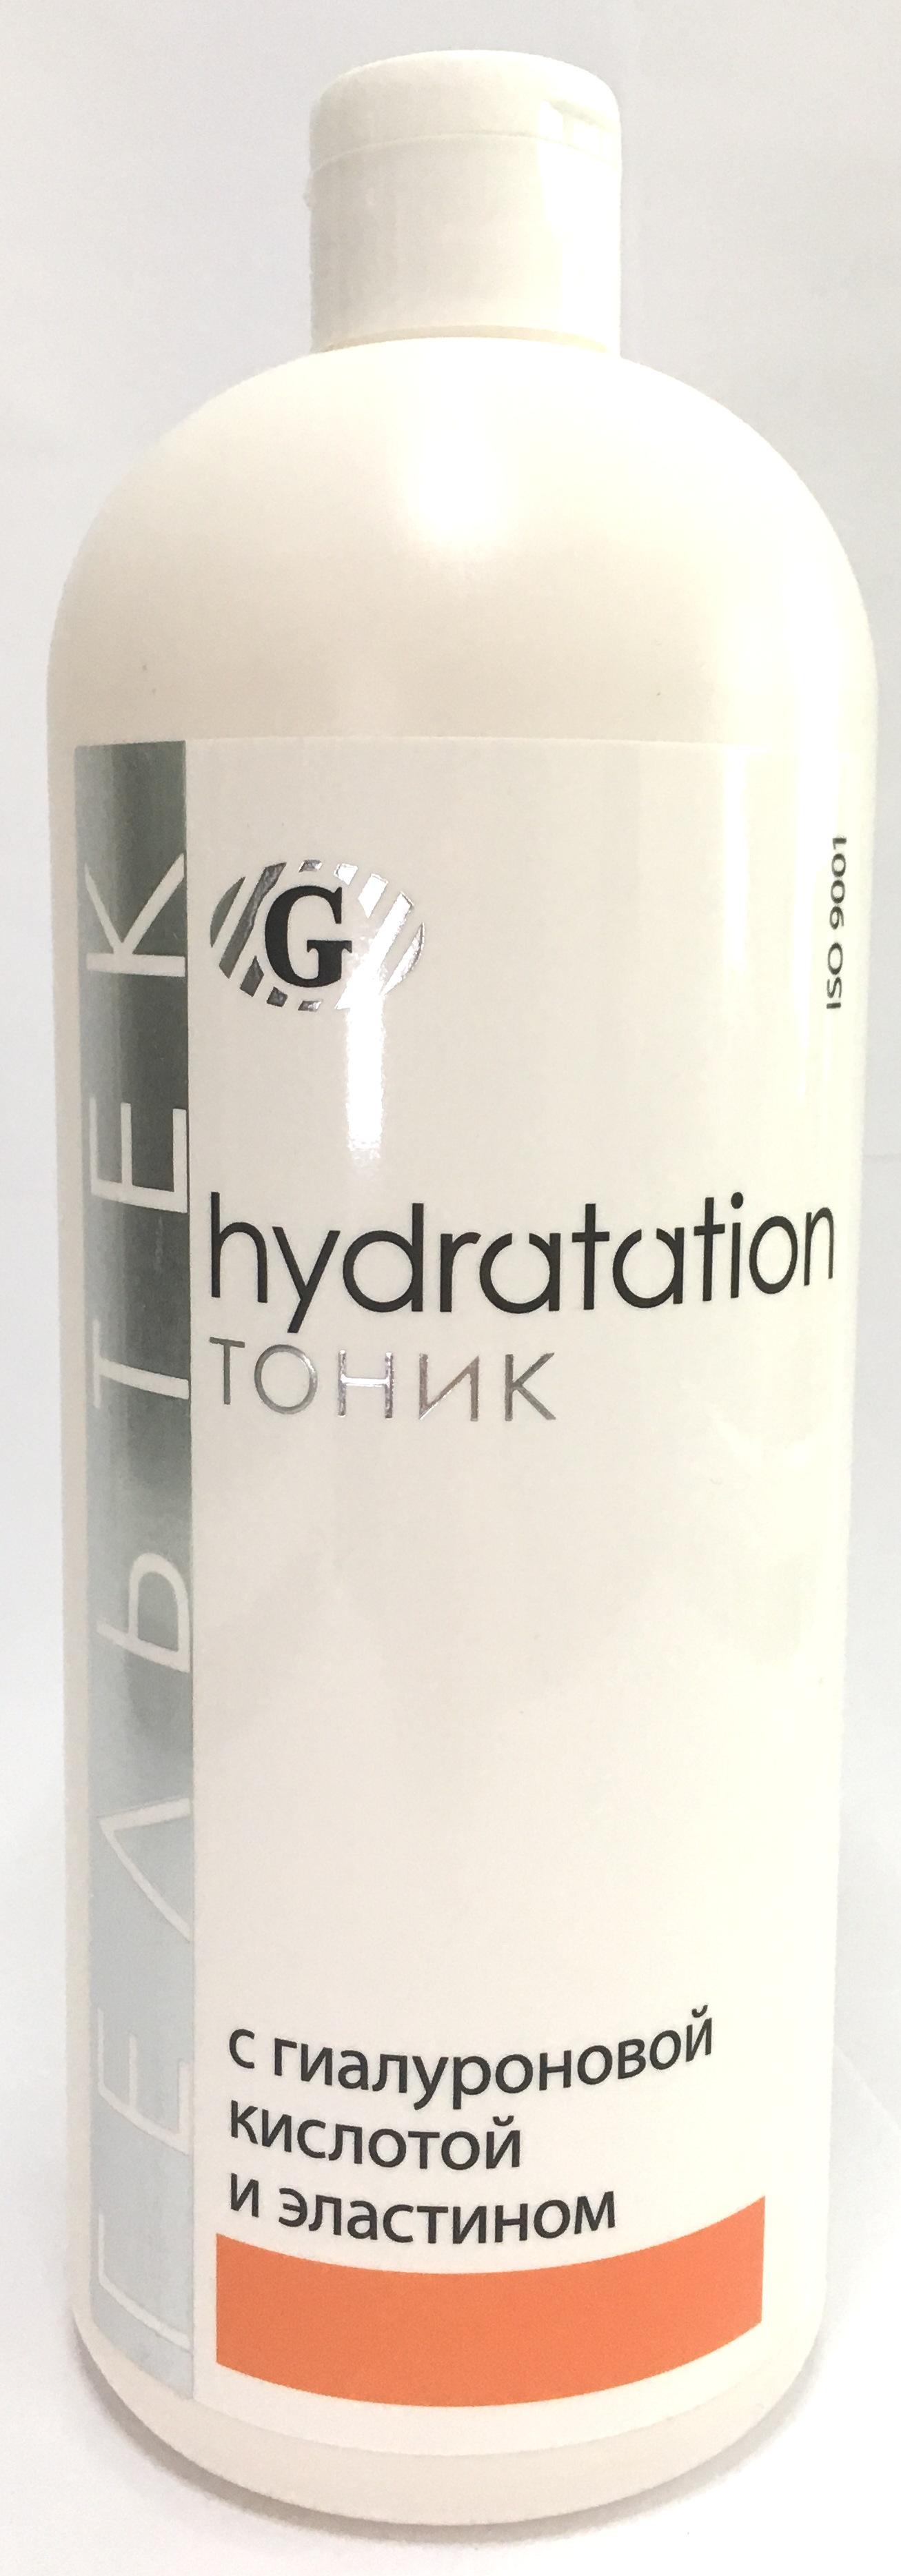 ГЕЛЬТЕК Тоник с гиалуроновой кислотой и эластином / Hydratation 1000 г